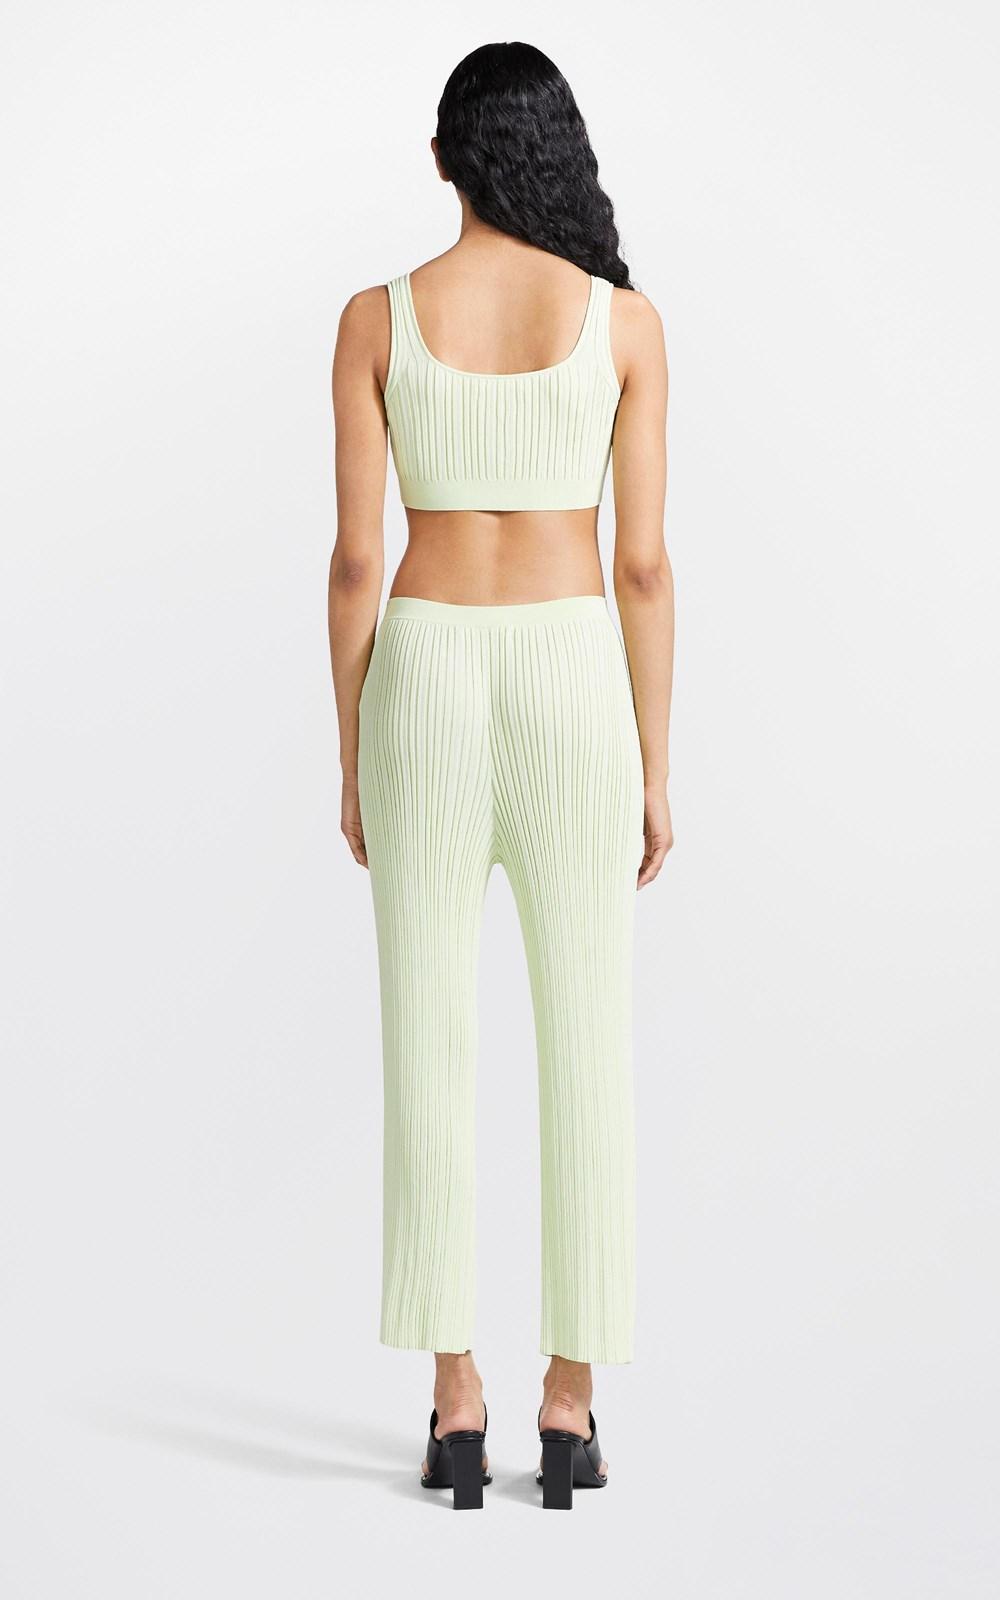 Knitwear    HOOK CROP TOP